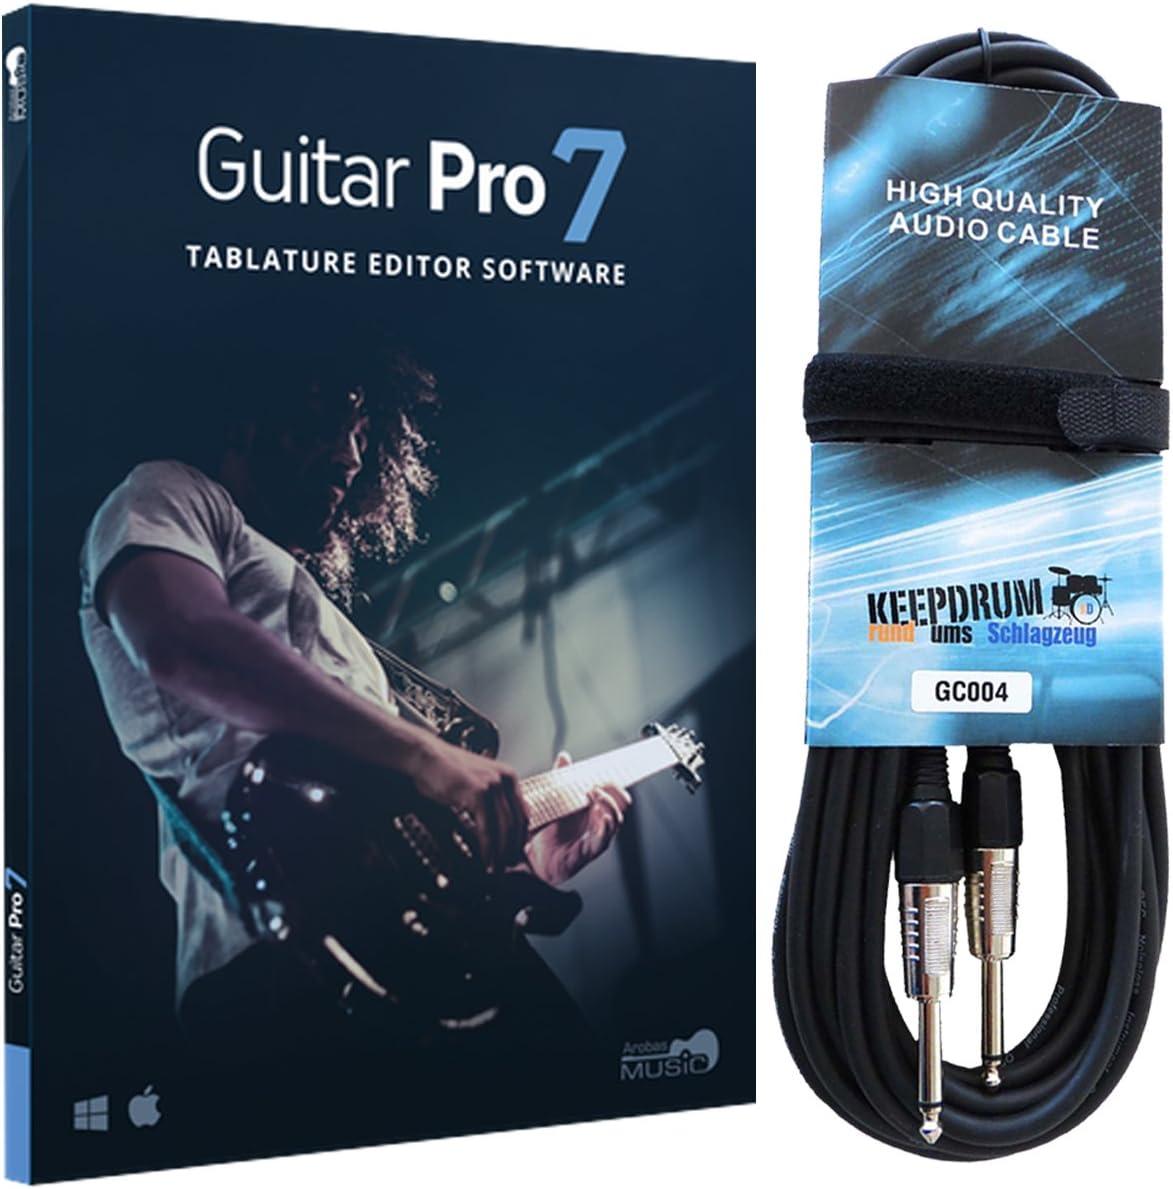 Arobas Guitar Pro 7.5 - Software de asociación (incluye cable de guitarra keepdrum de 6 m)